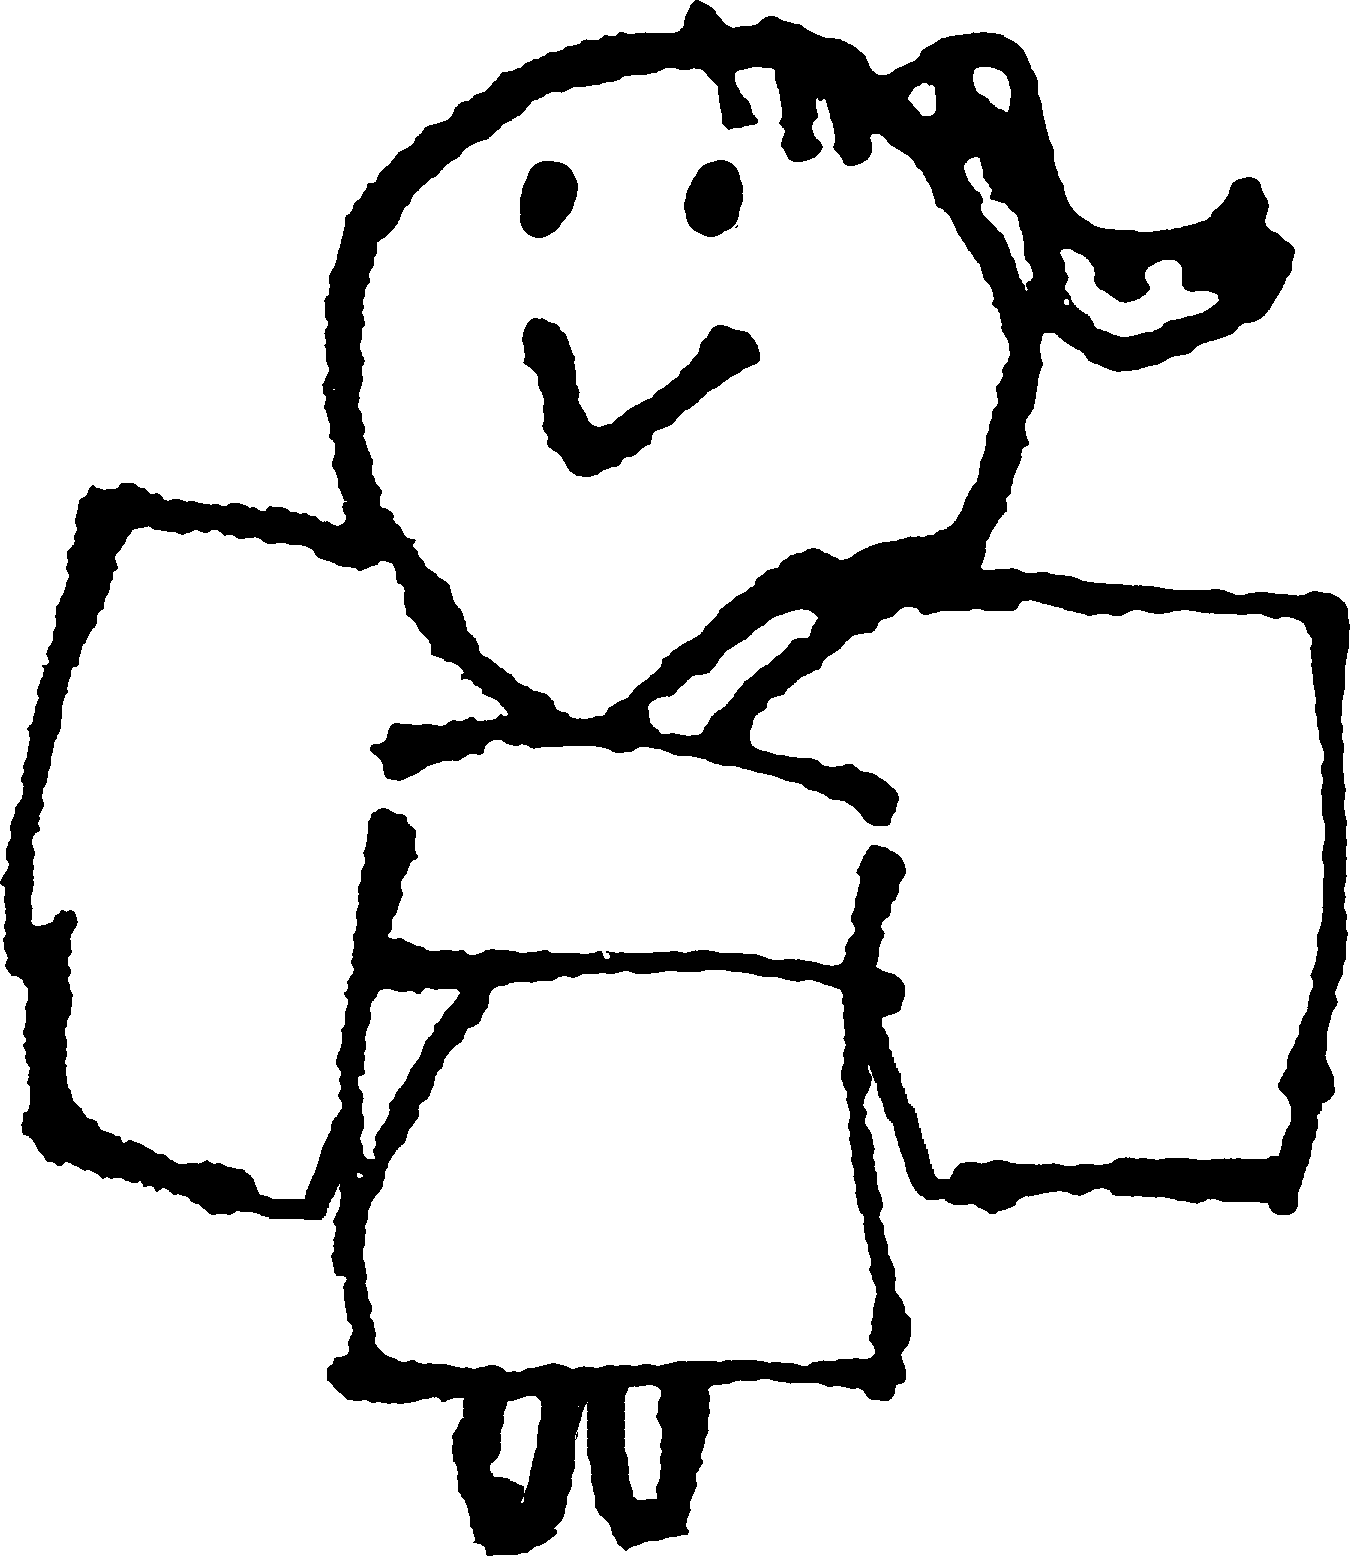 浴衣姿(女)のイラストYukata (woman)